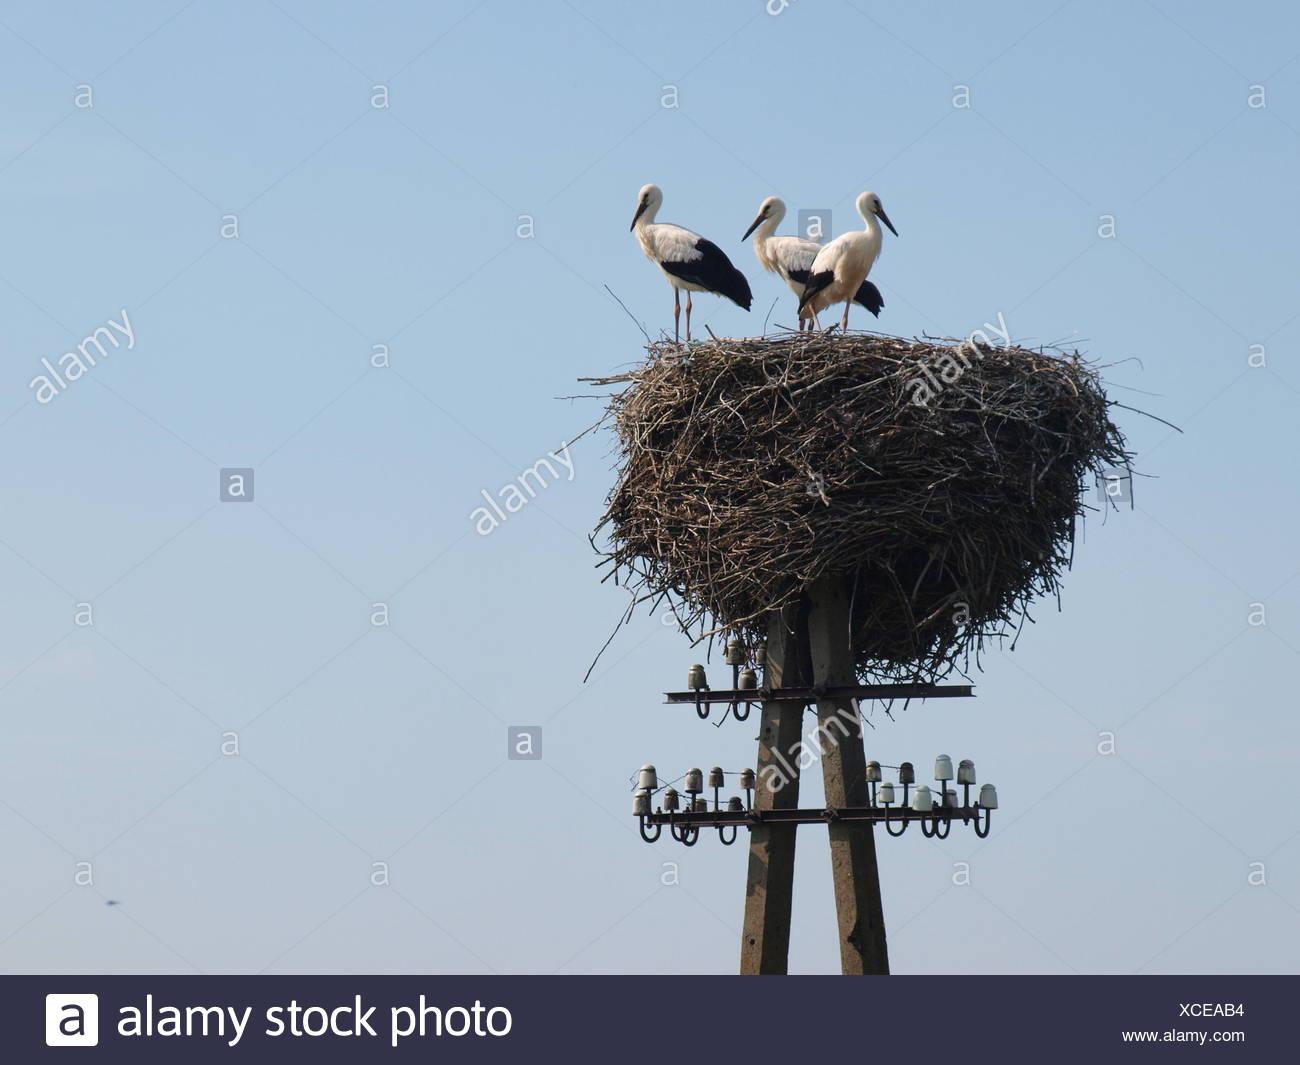 Weißstörche im Nest auf einem Telegrafenmast Stockbild